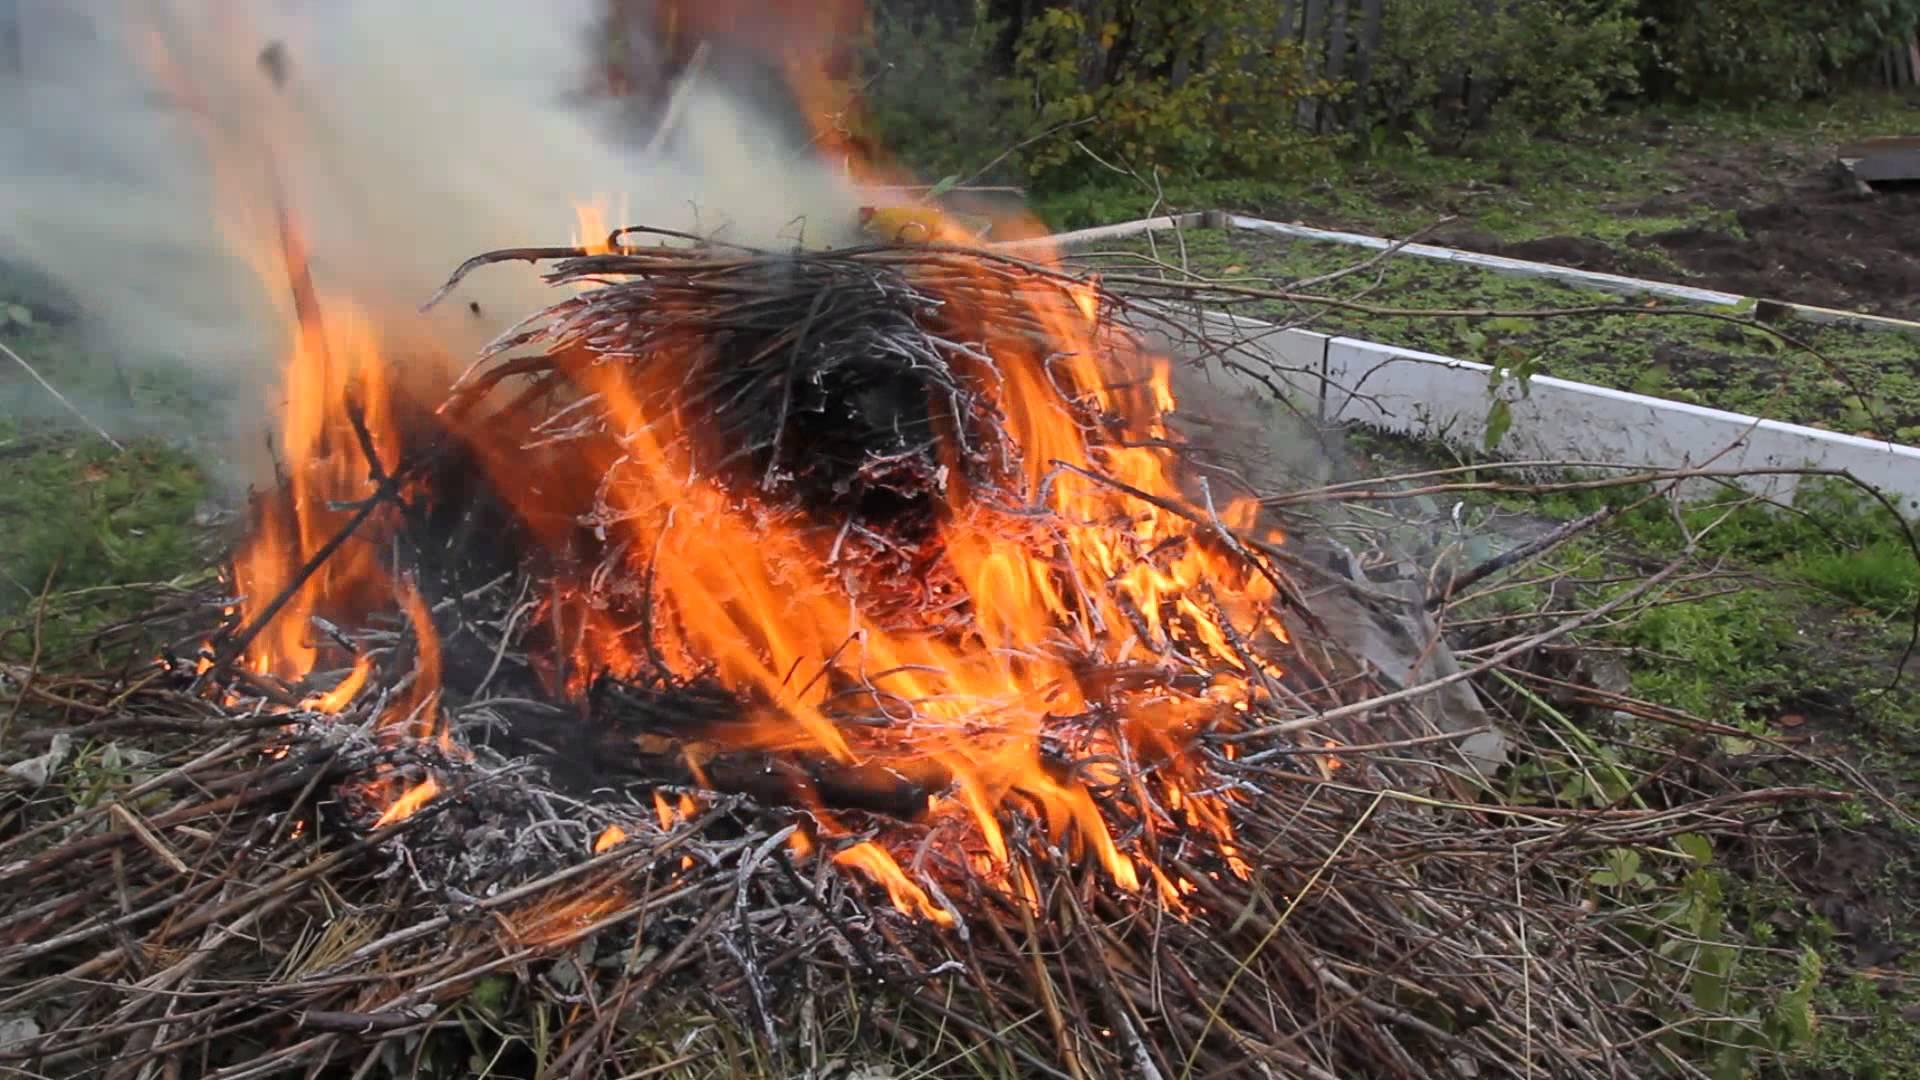 Сжигание мусора на даче в 2019 году